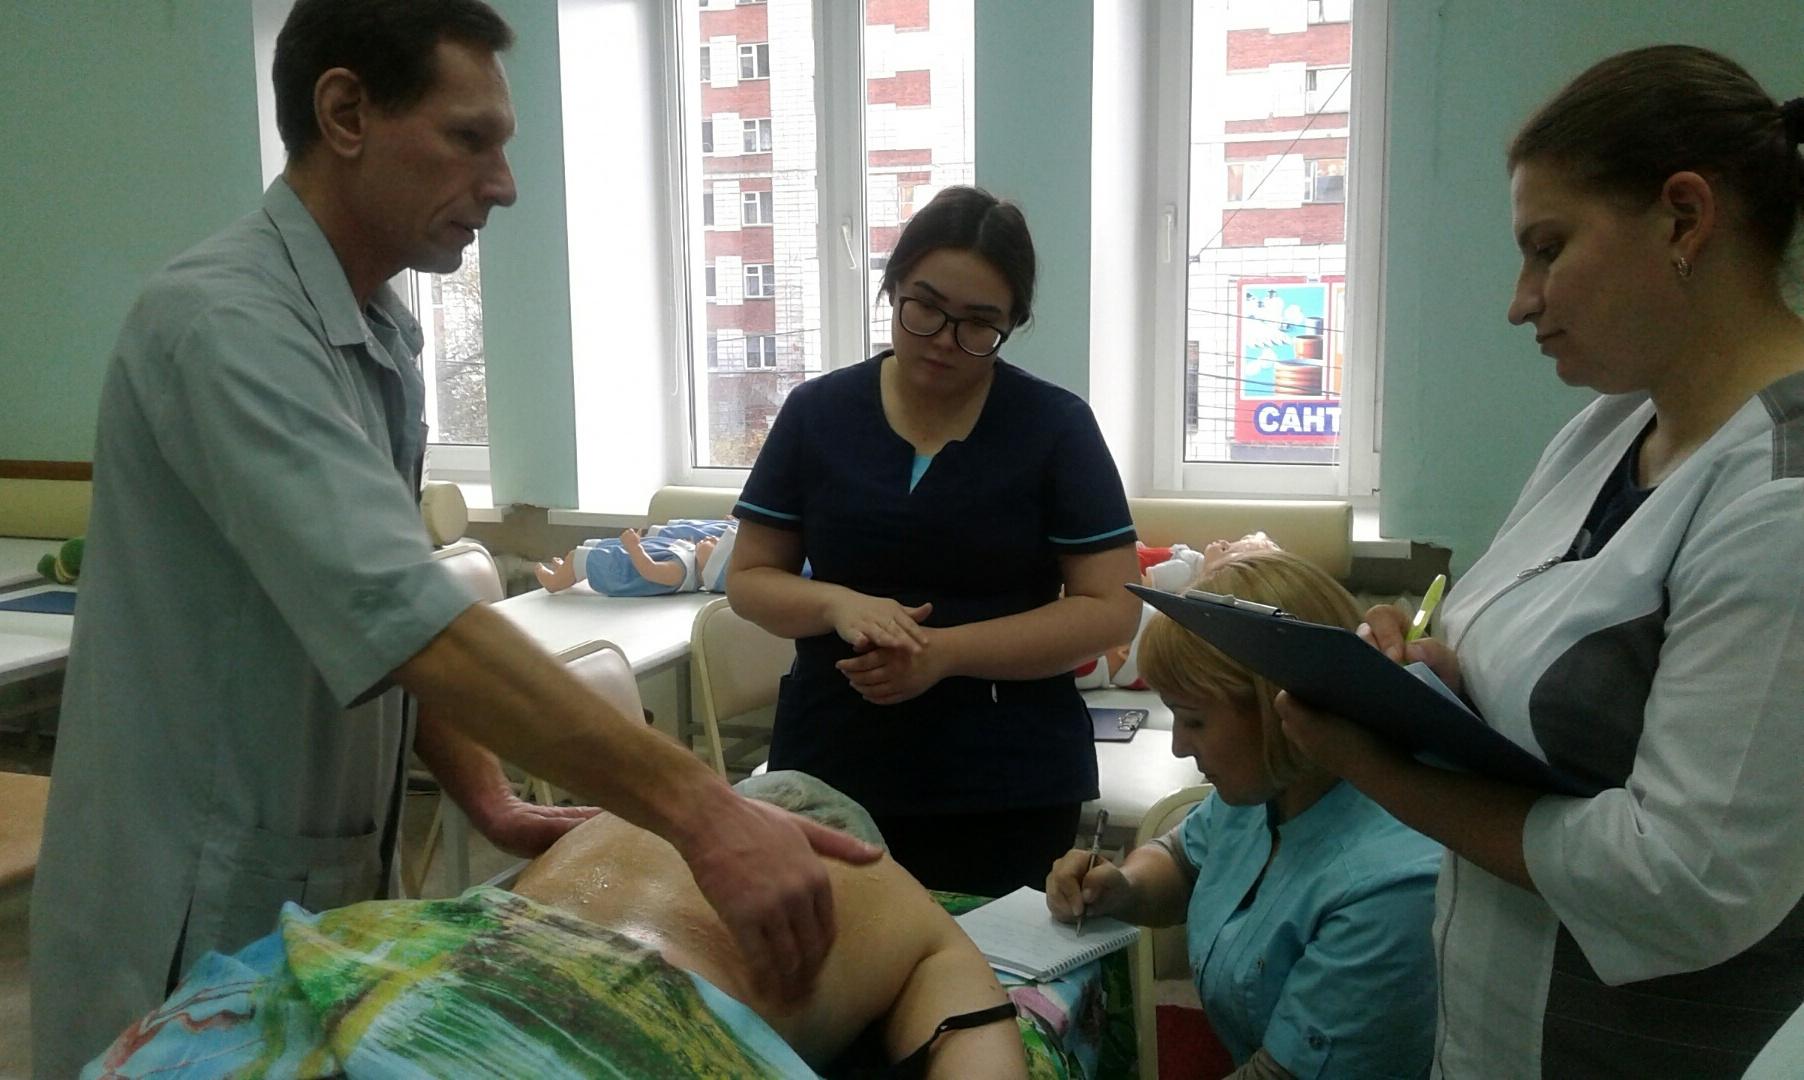 21 октября 2019 года состоялся мастер-класс по теме «Медицинский массаж». Преподаватель Салько С.В. Обучено 5 специалистов.